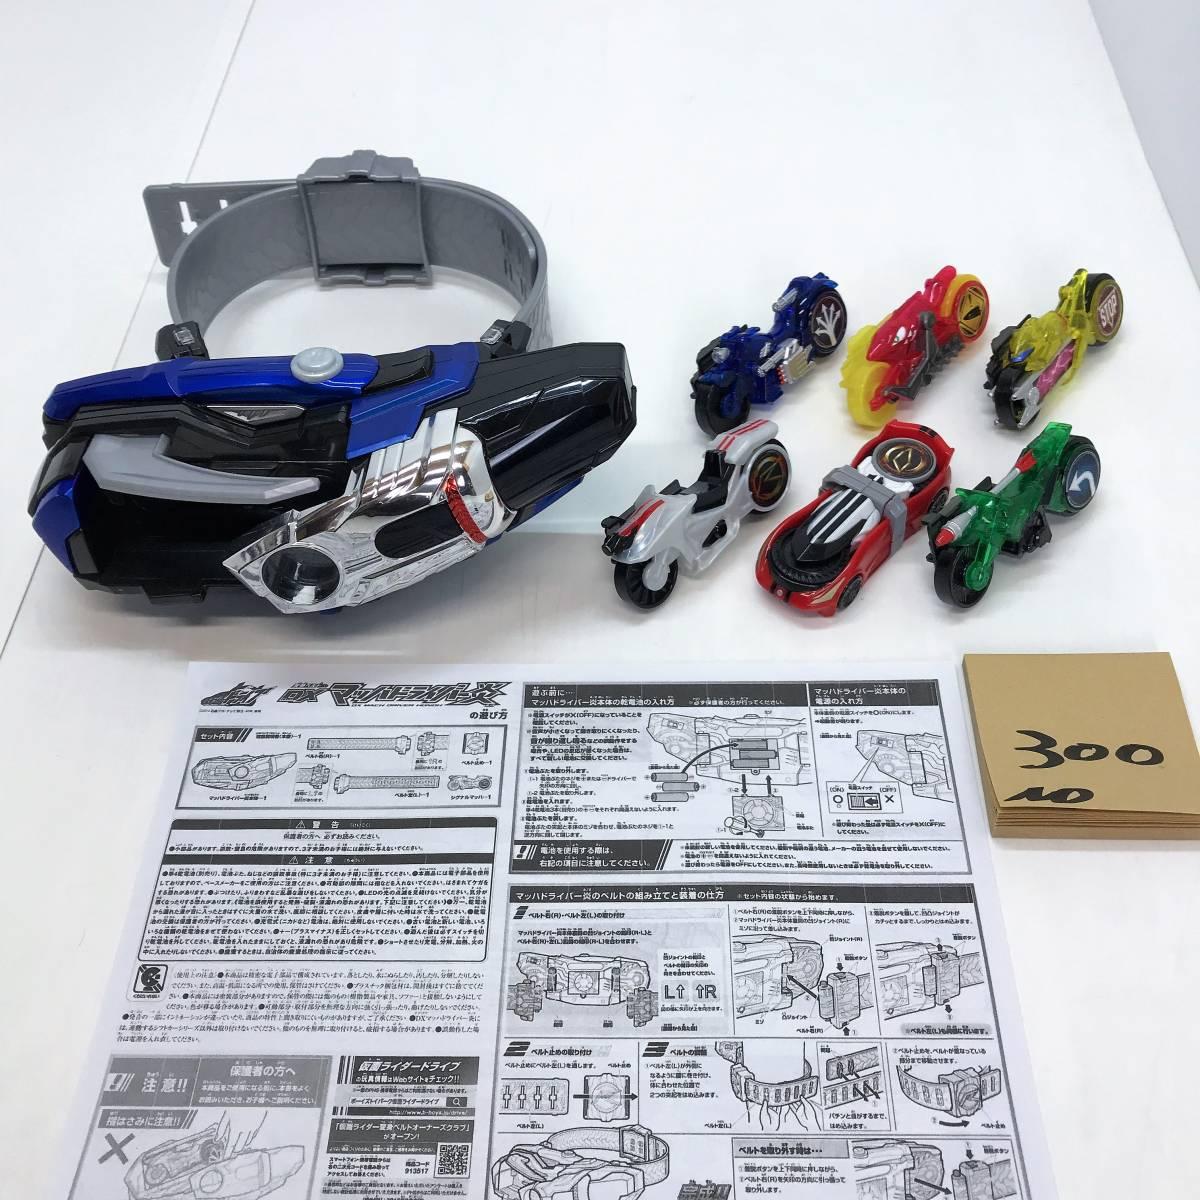 仮面ライダー ドライブ マッハドライバー炎 変身ベルト シグナルバイク シフトカー シグナルマッハ セット なりきり まとめて 大量 出品中